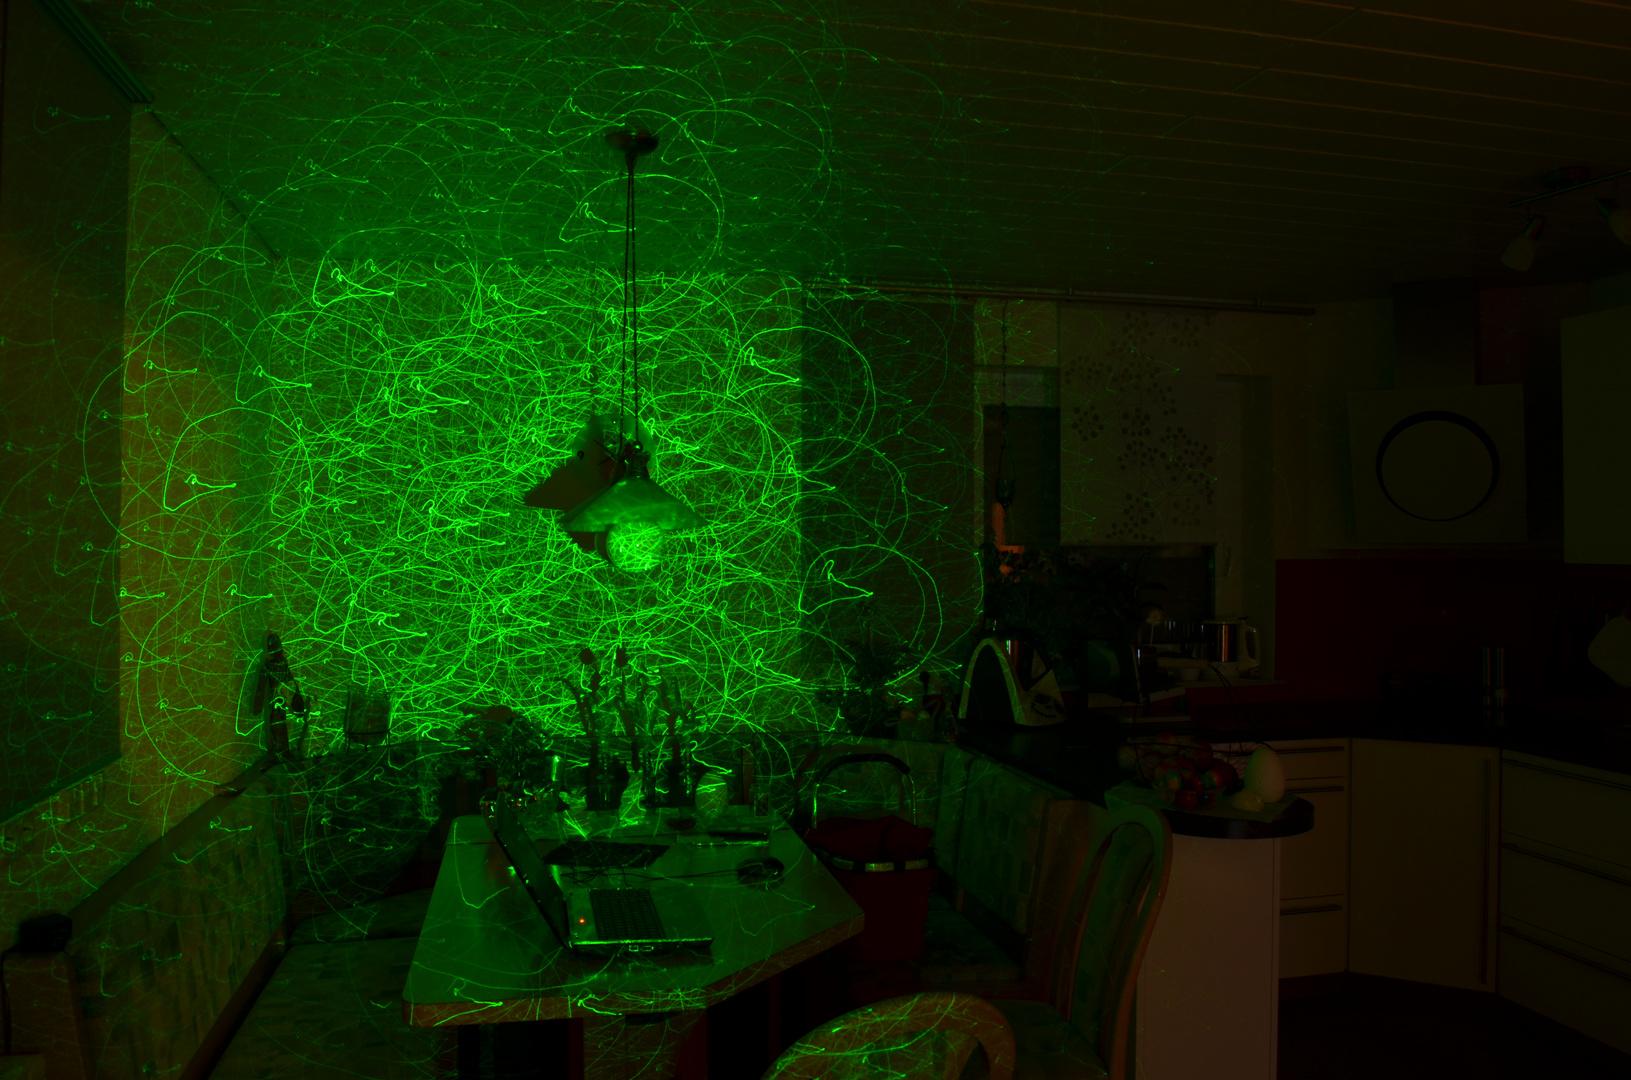 Licht und grüner Laser